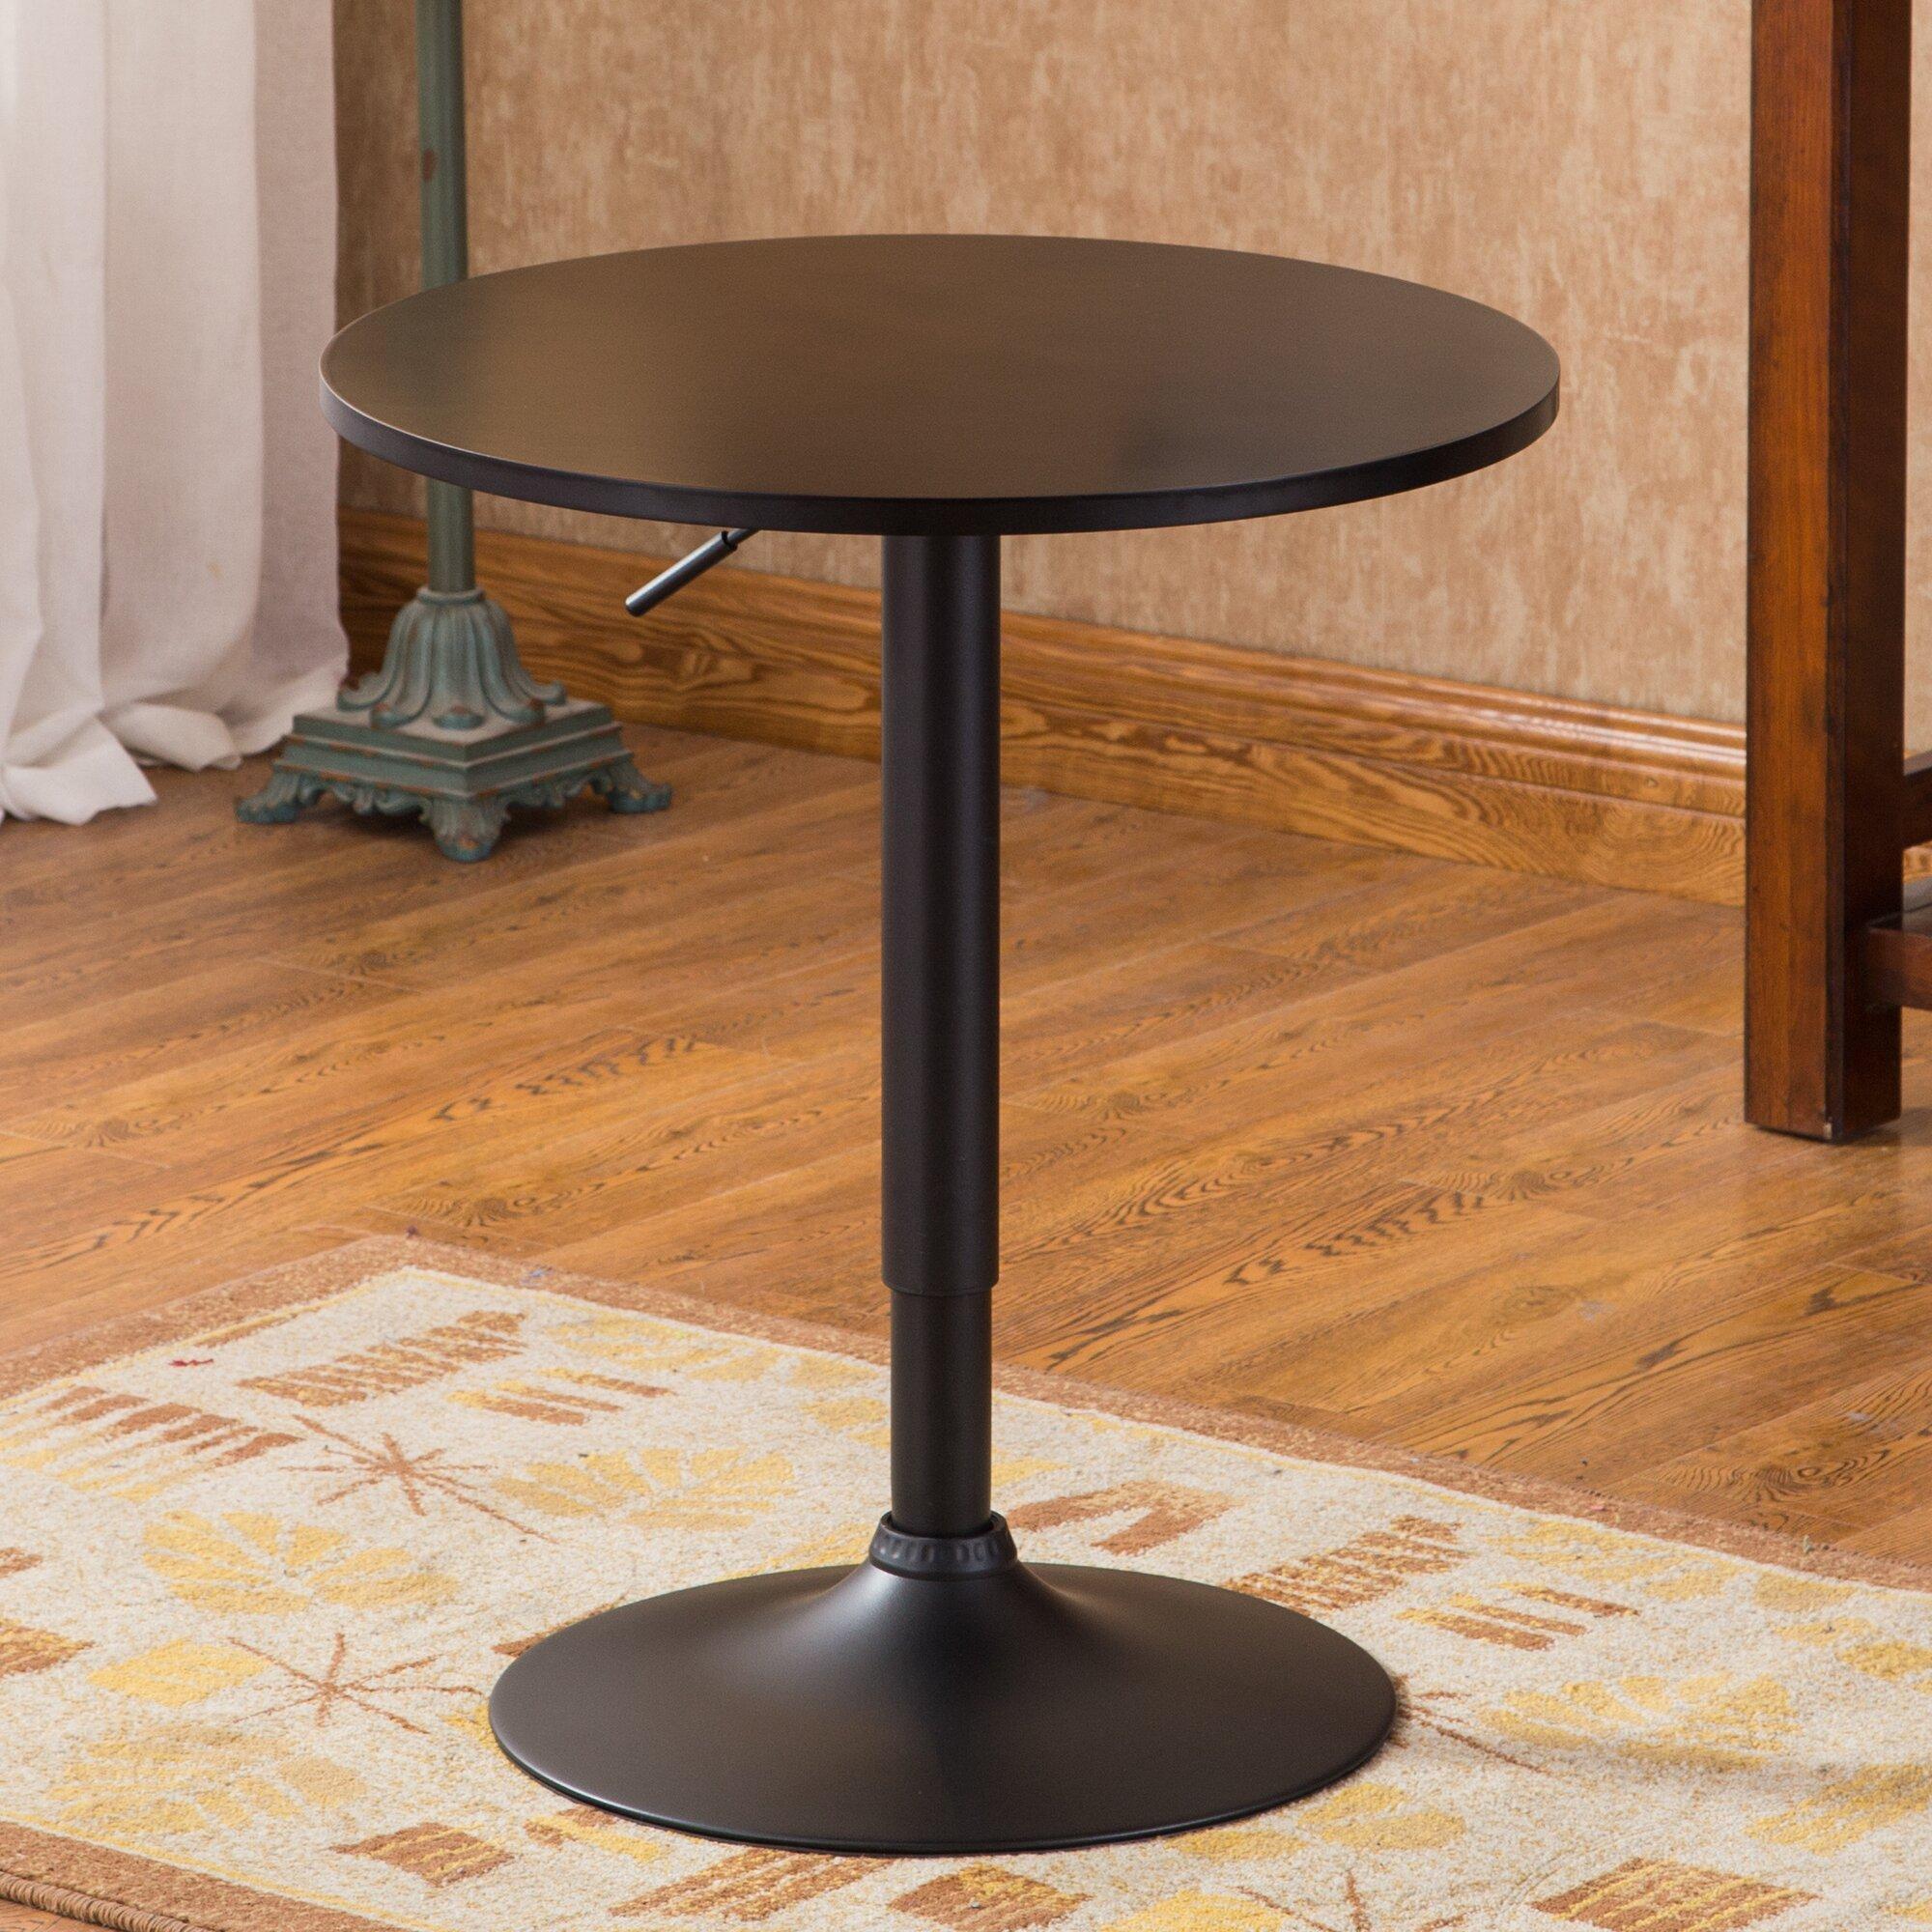 Trent austin design yoder pub table reviews for Cie publication 85 table 2